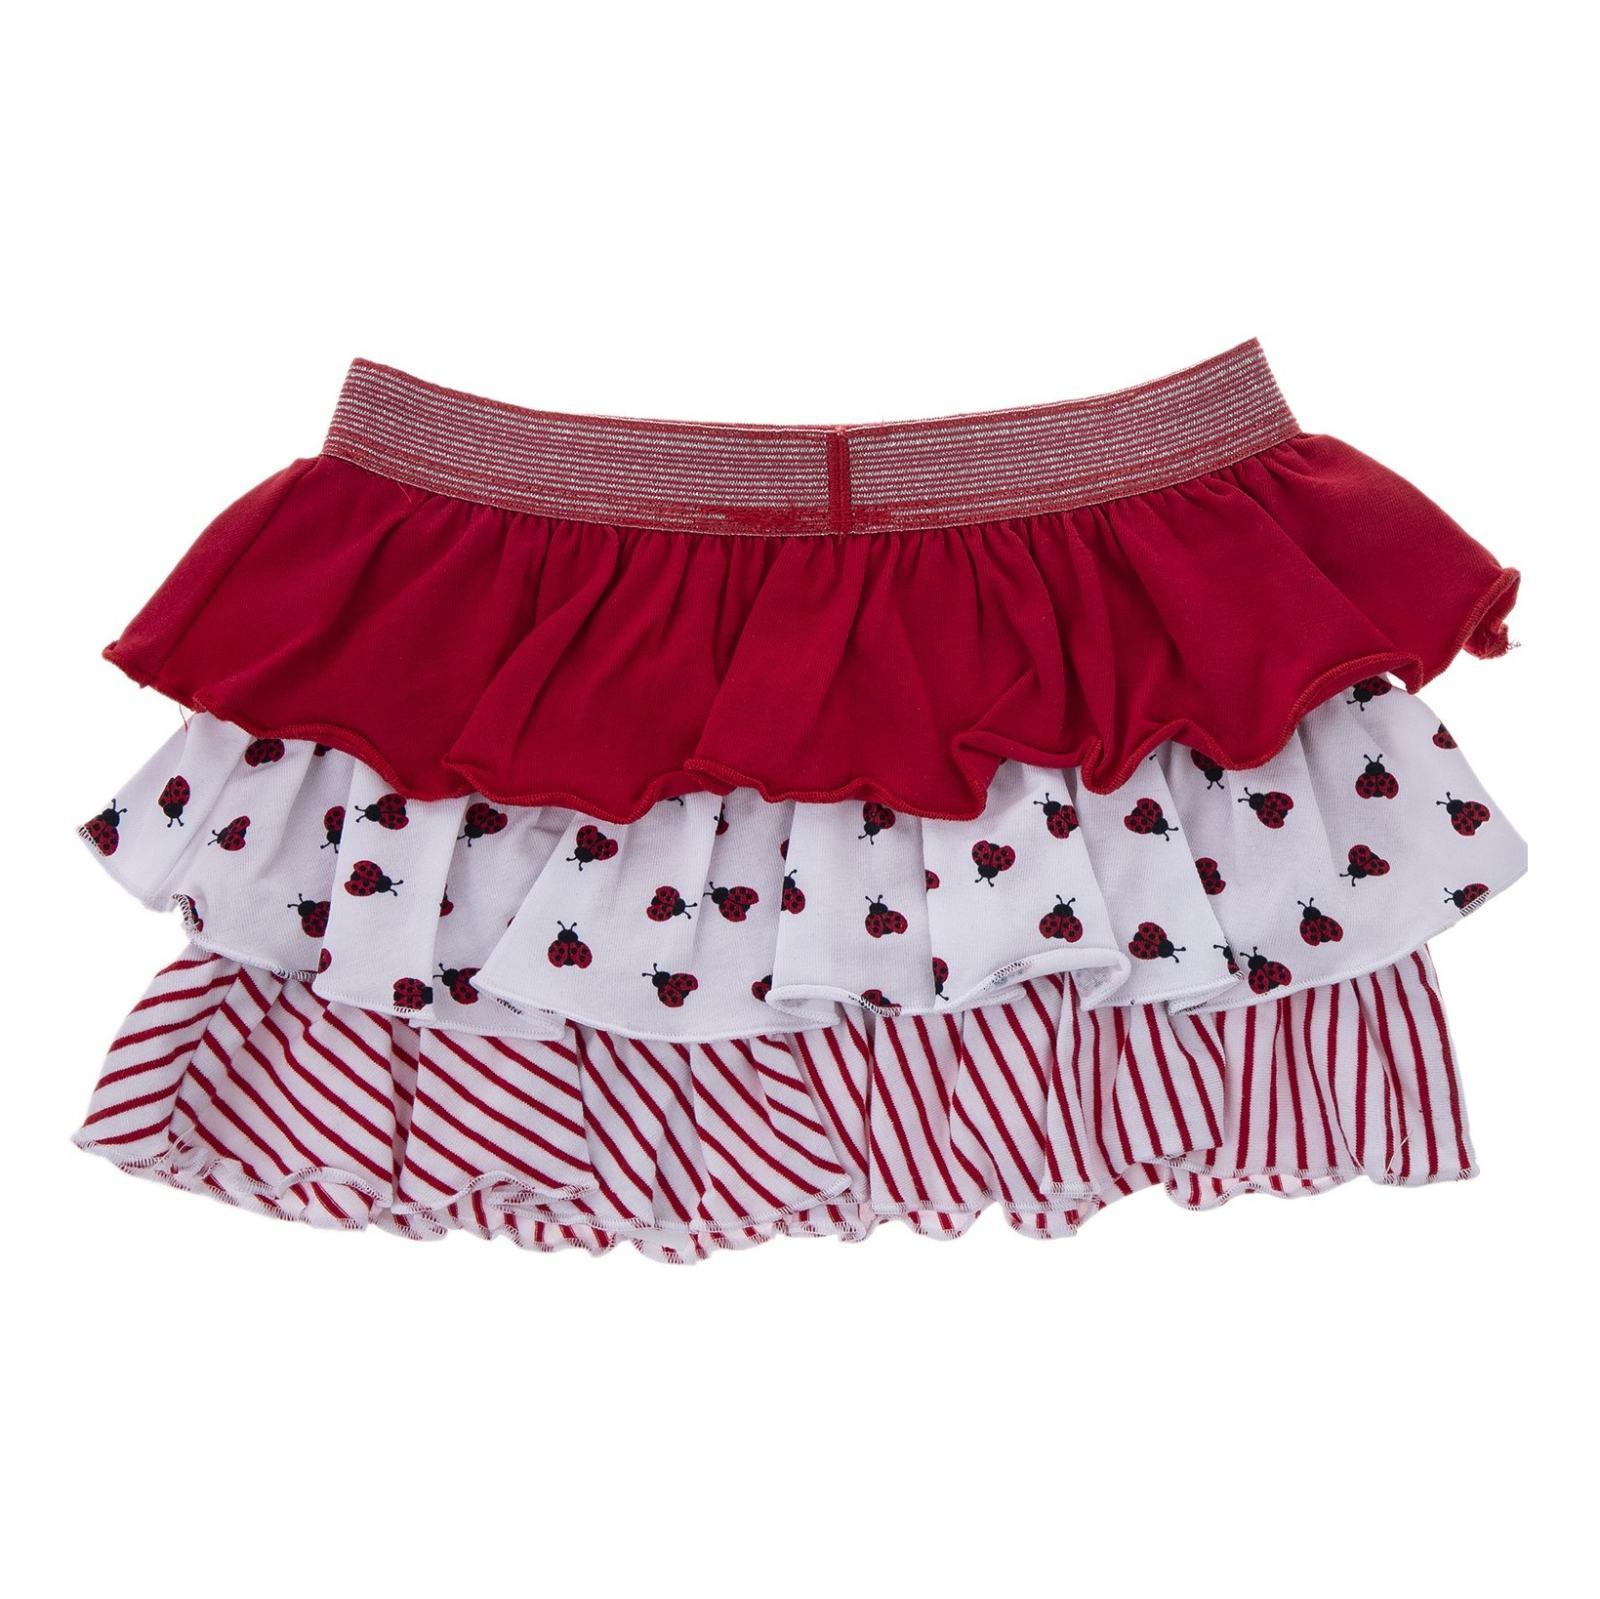 دامن نخی کوتاه نوزادی دخترانه - بلوکیدز - قرمز سفید - 2